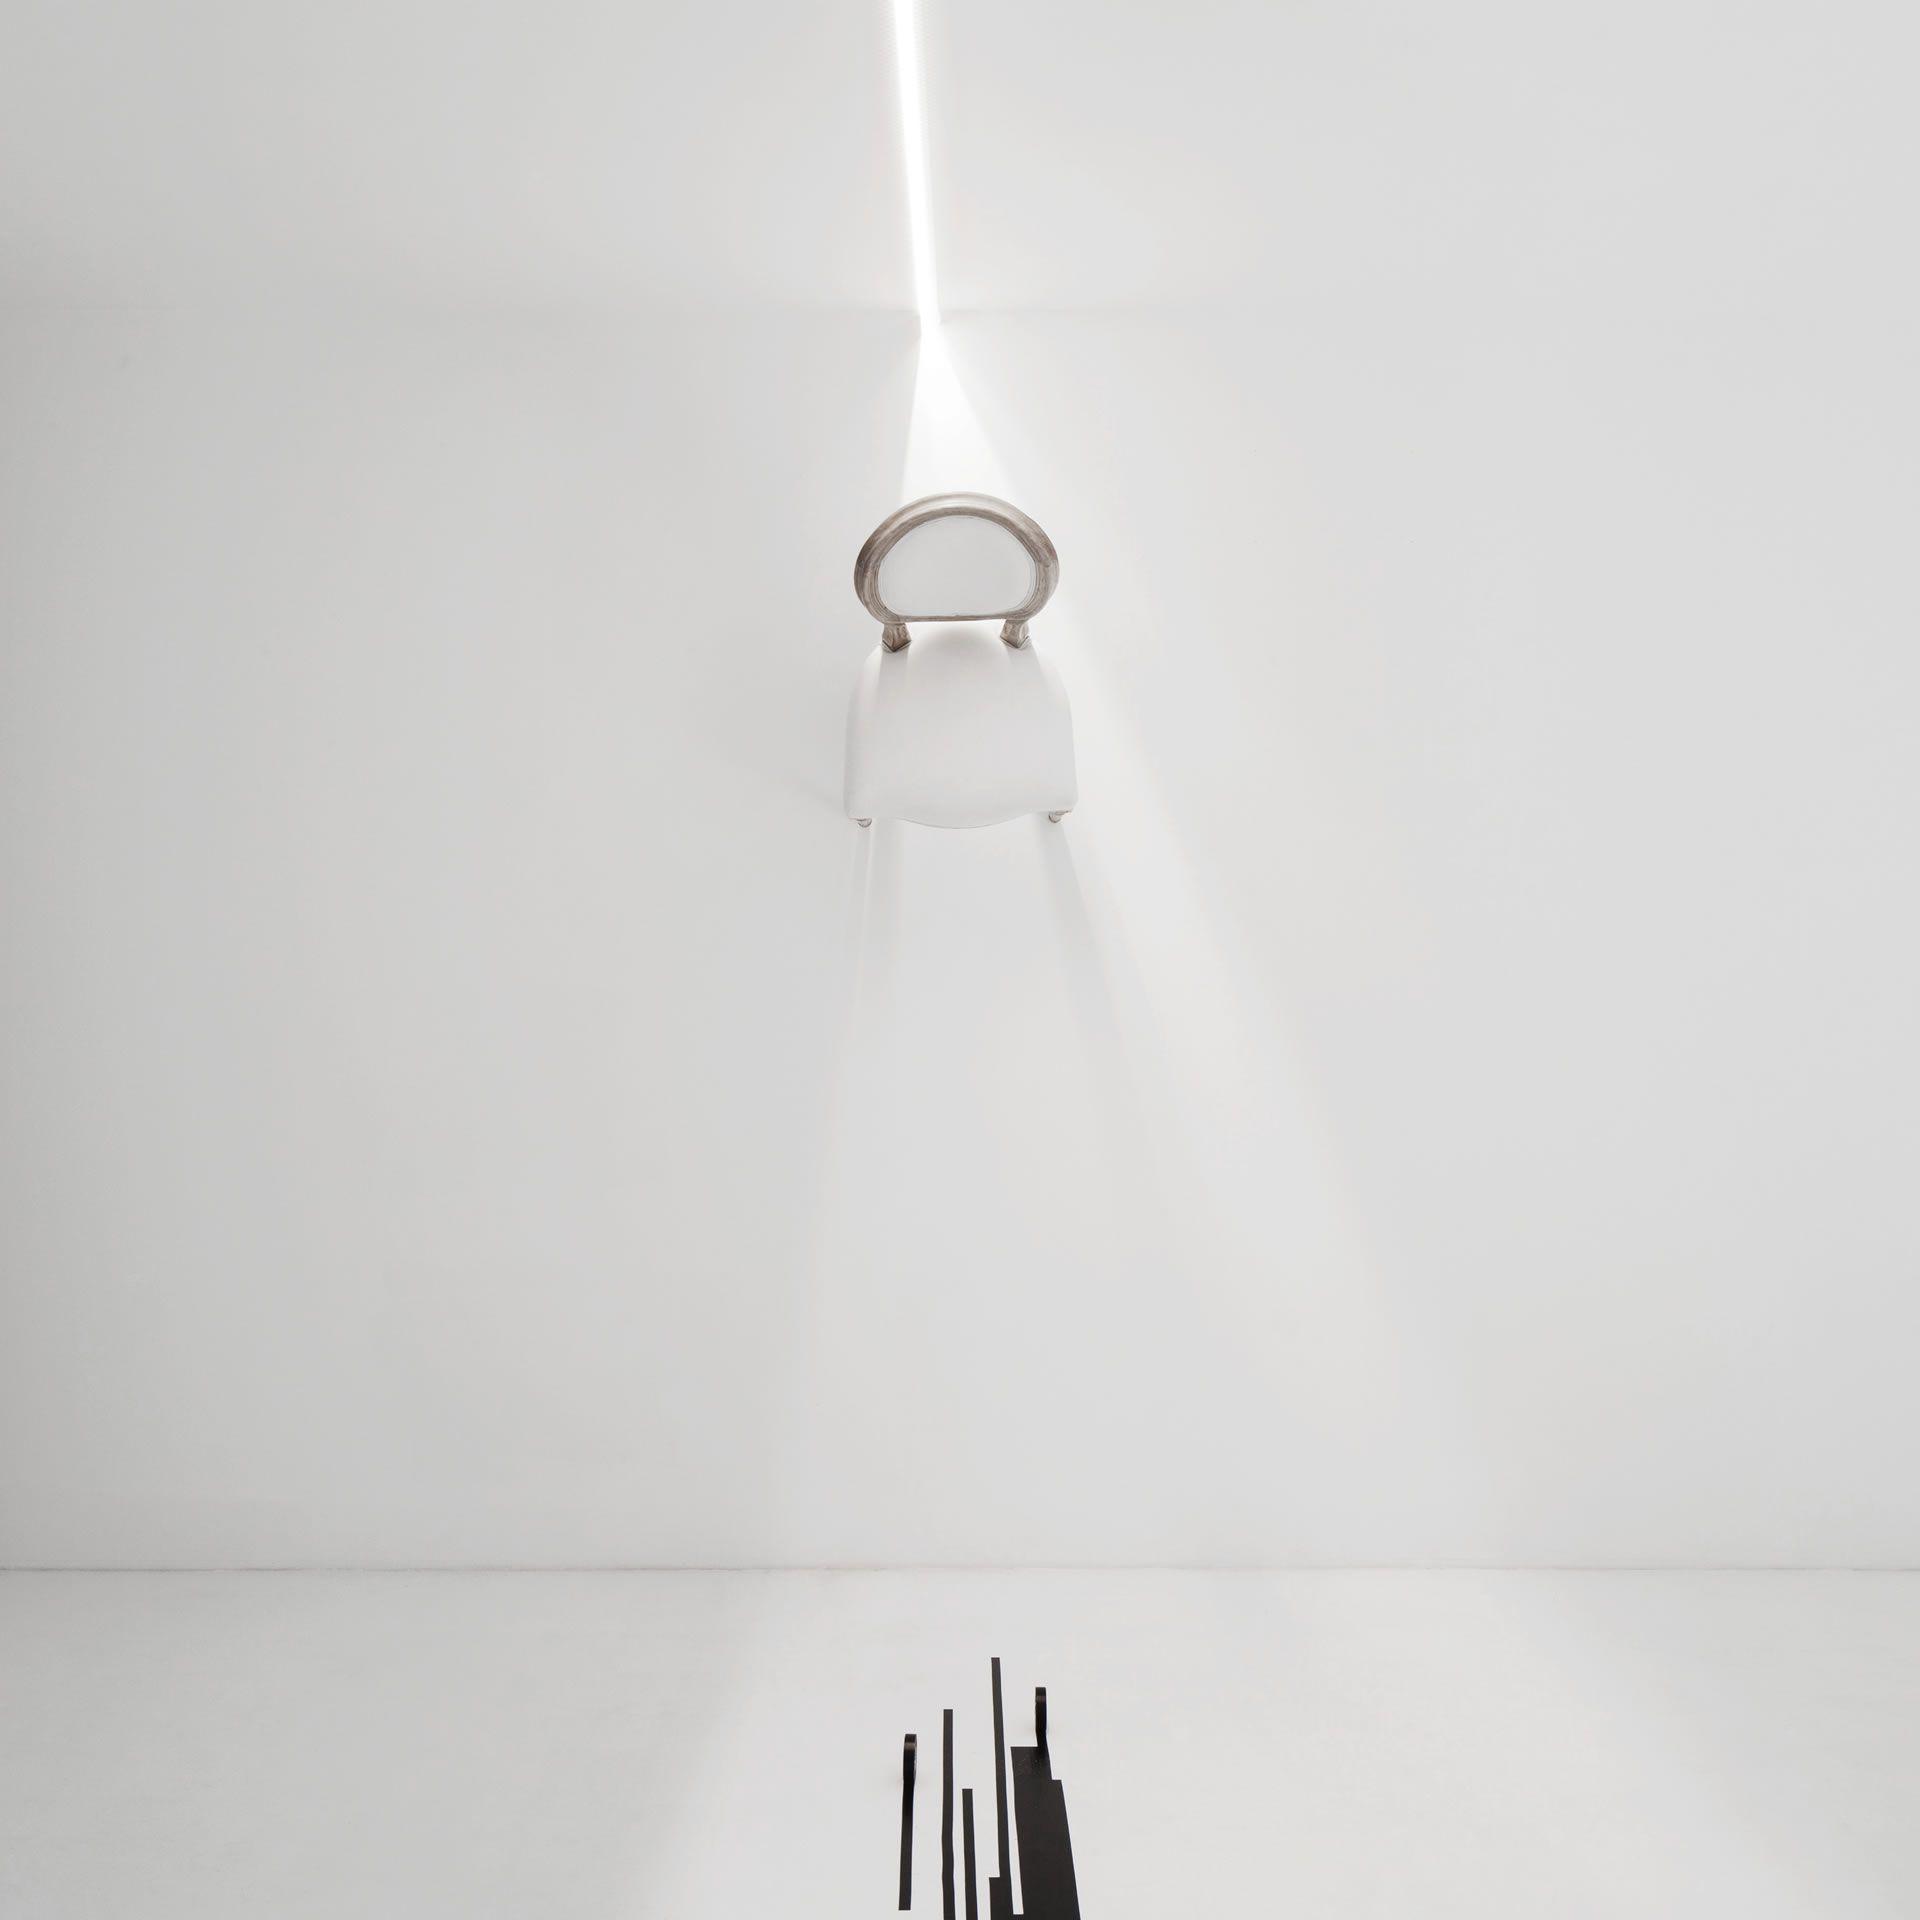 AQLUS in luce con stile, faretti led, luci led